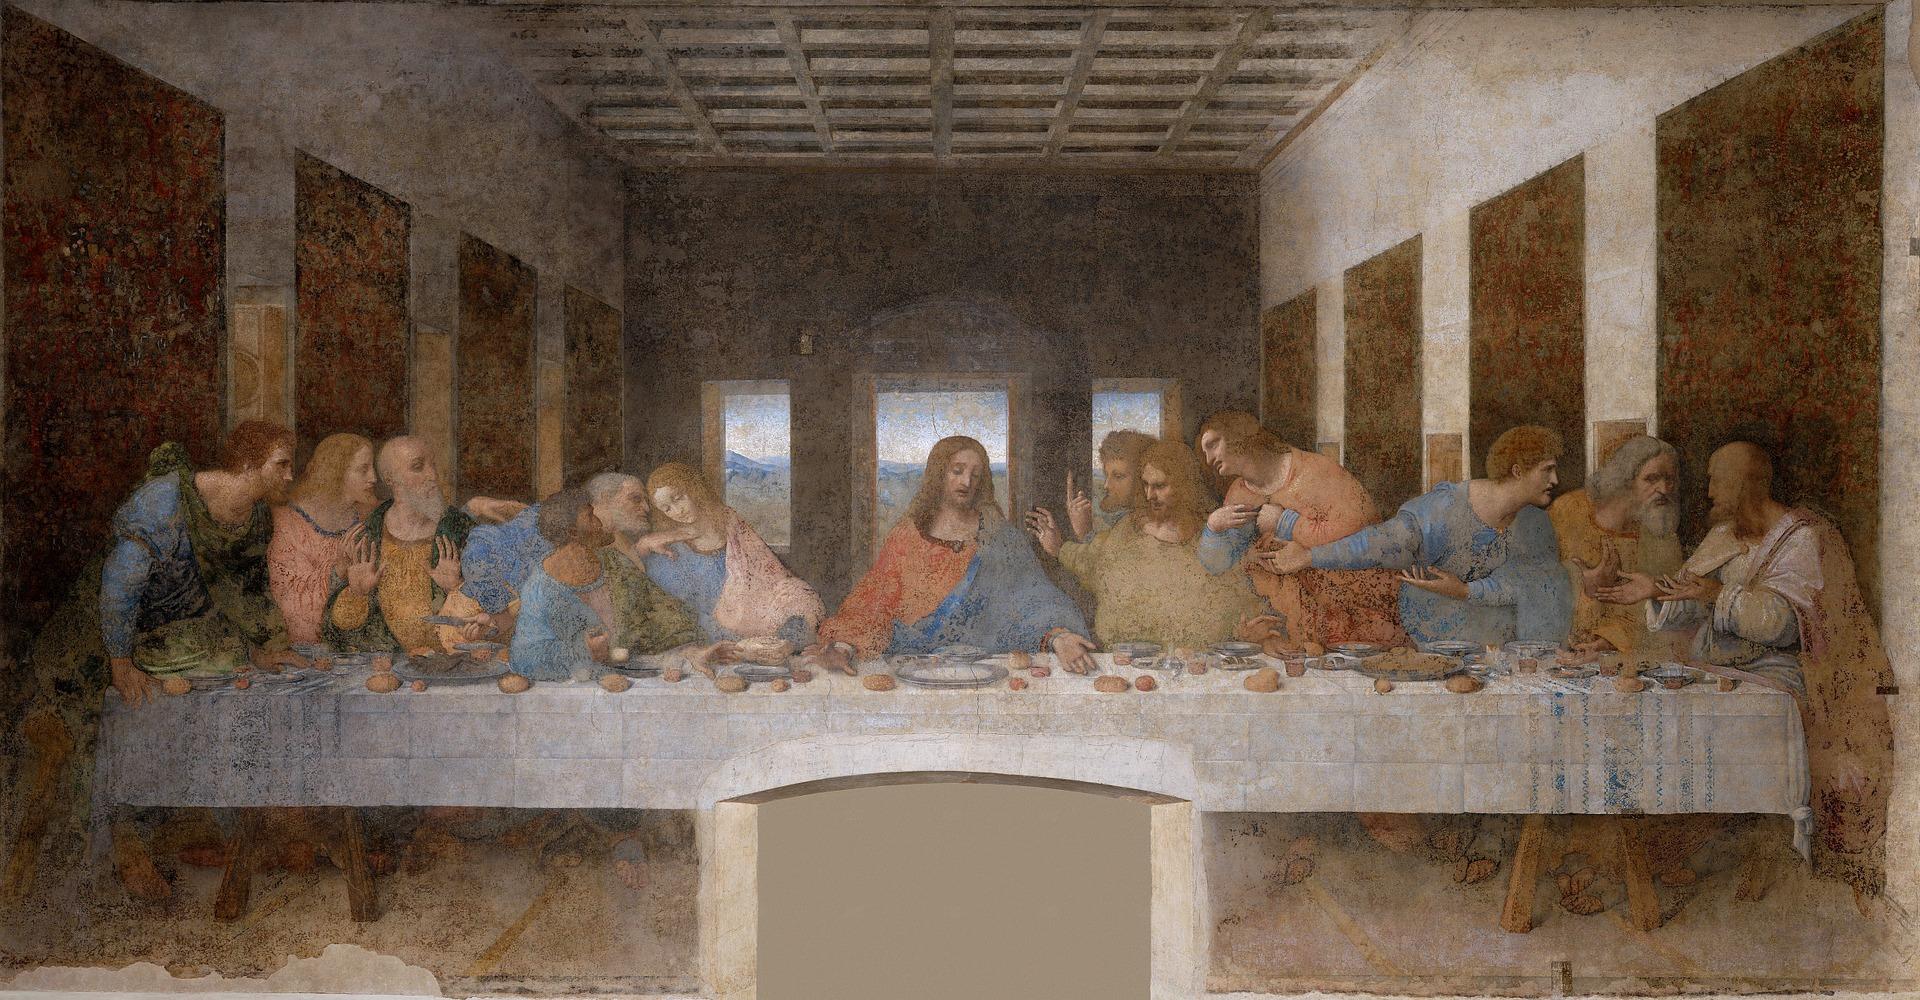 The Last Supper from Leonardo da Vinci